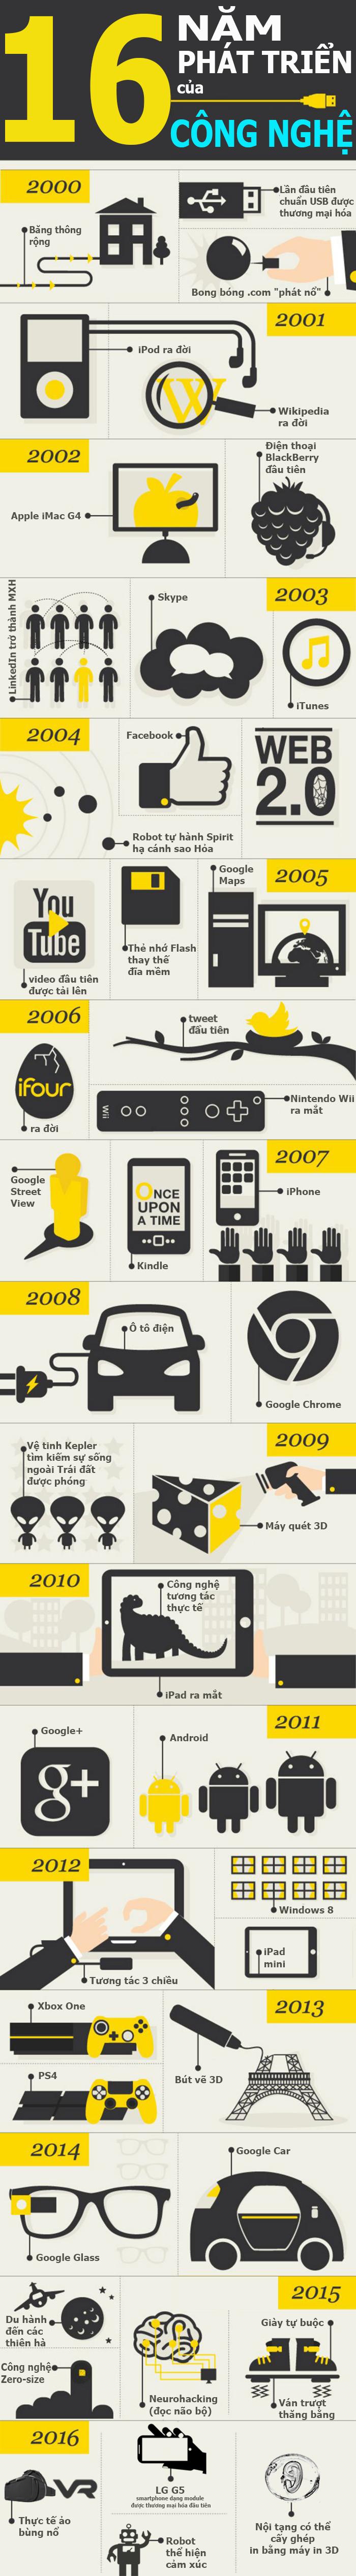 Công nghệ thay đổi qua 16 năm